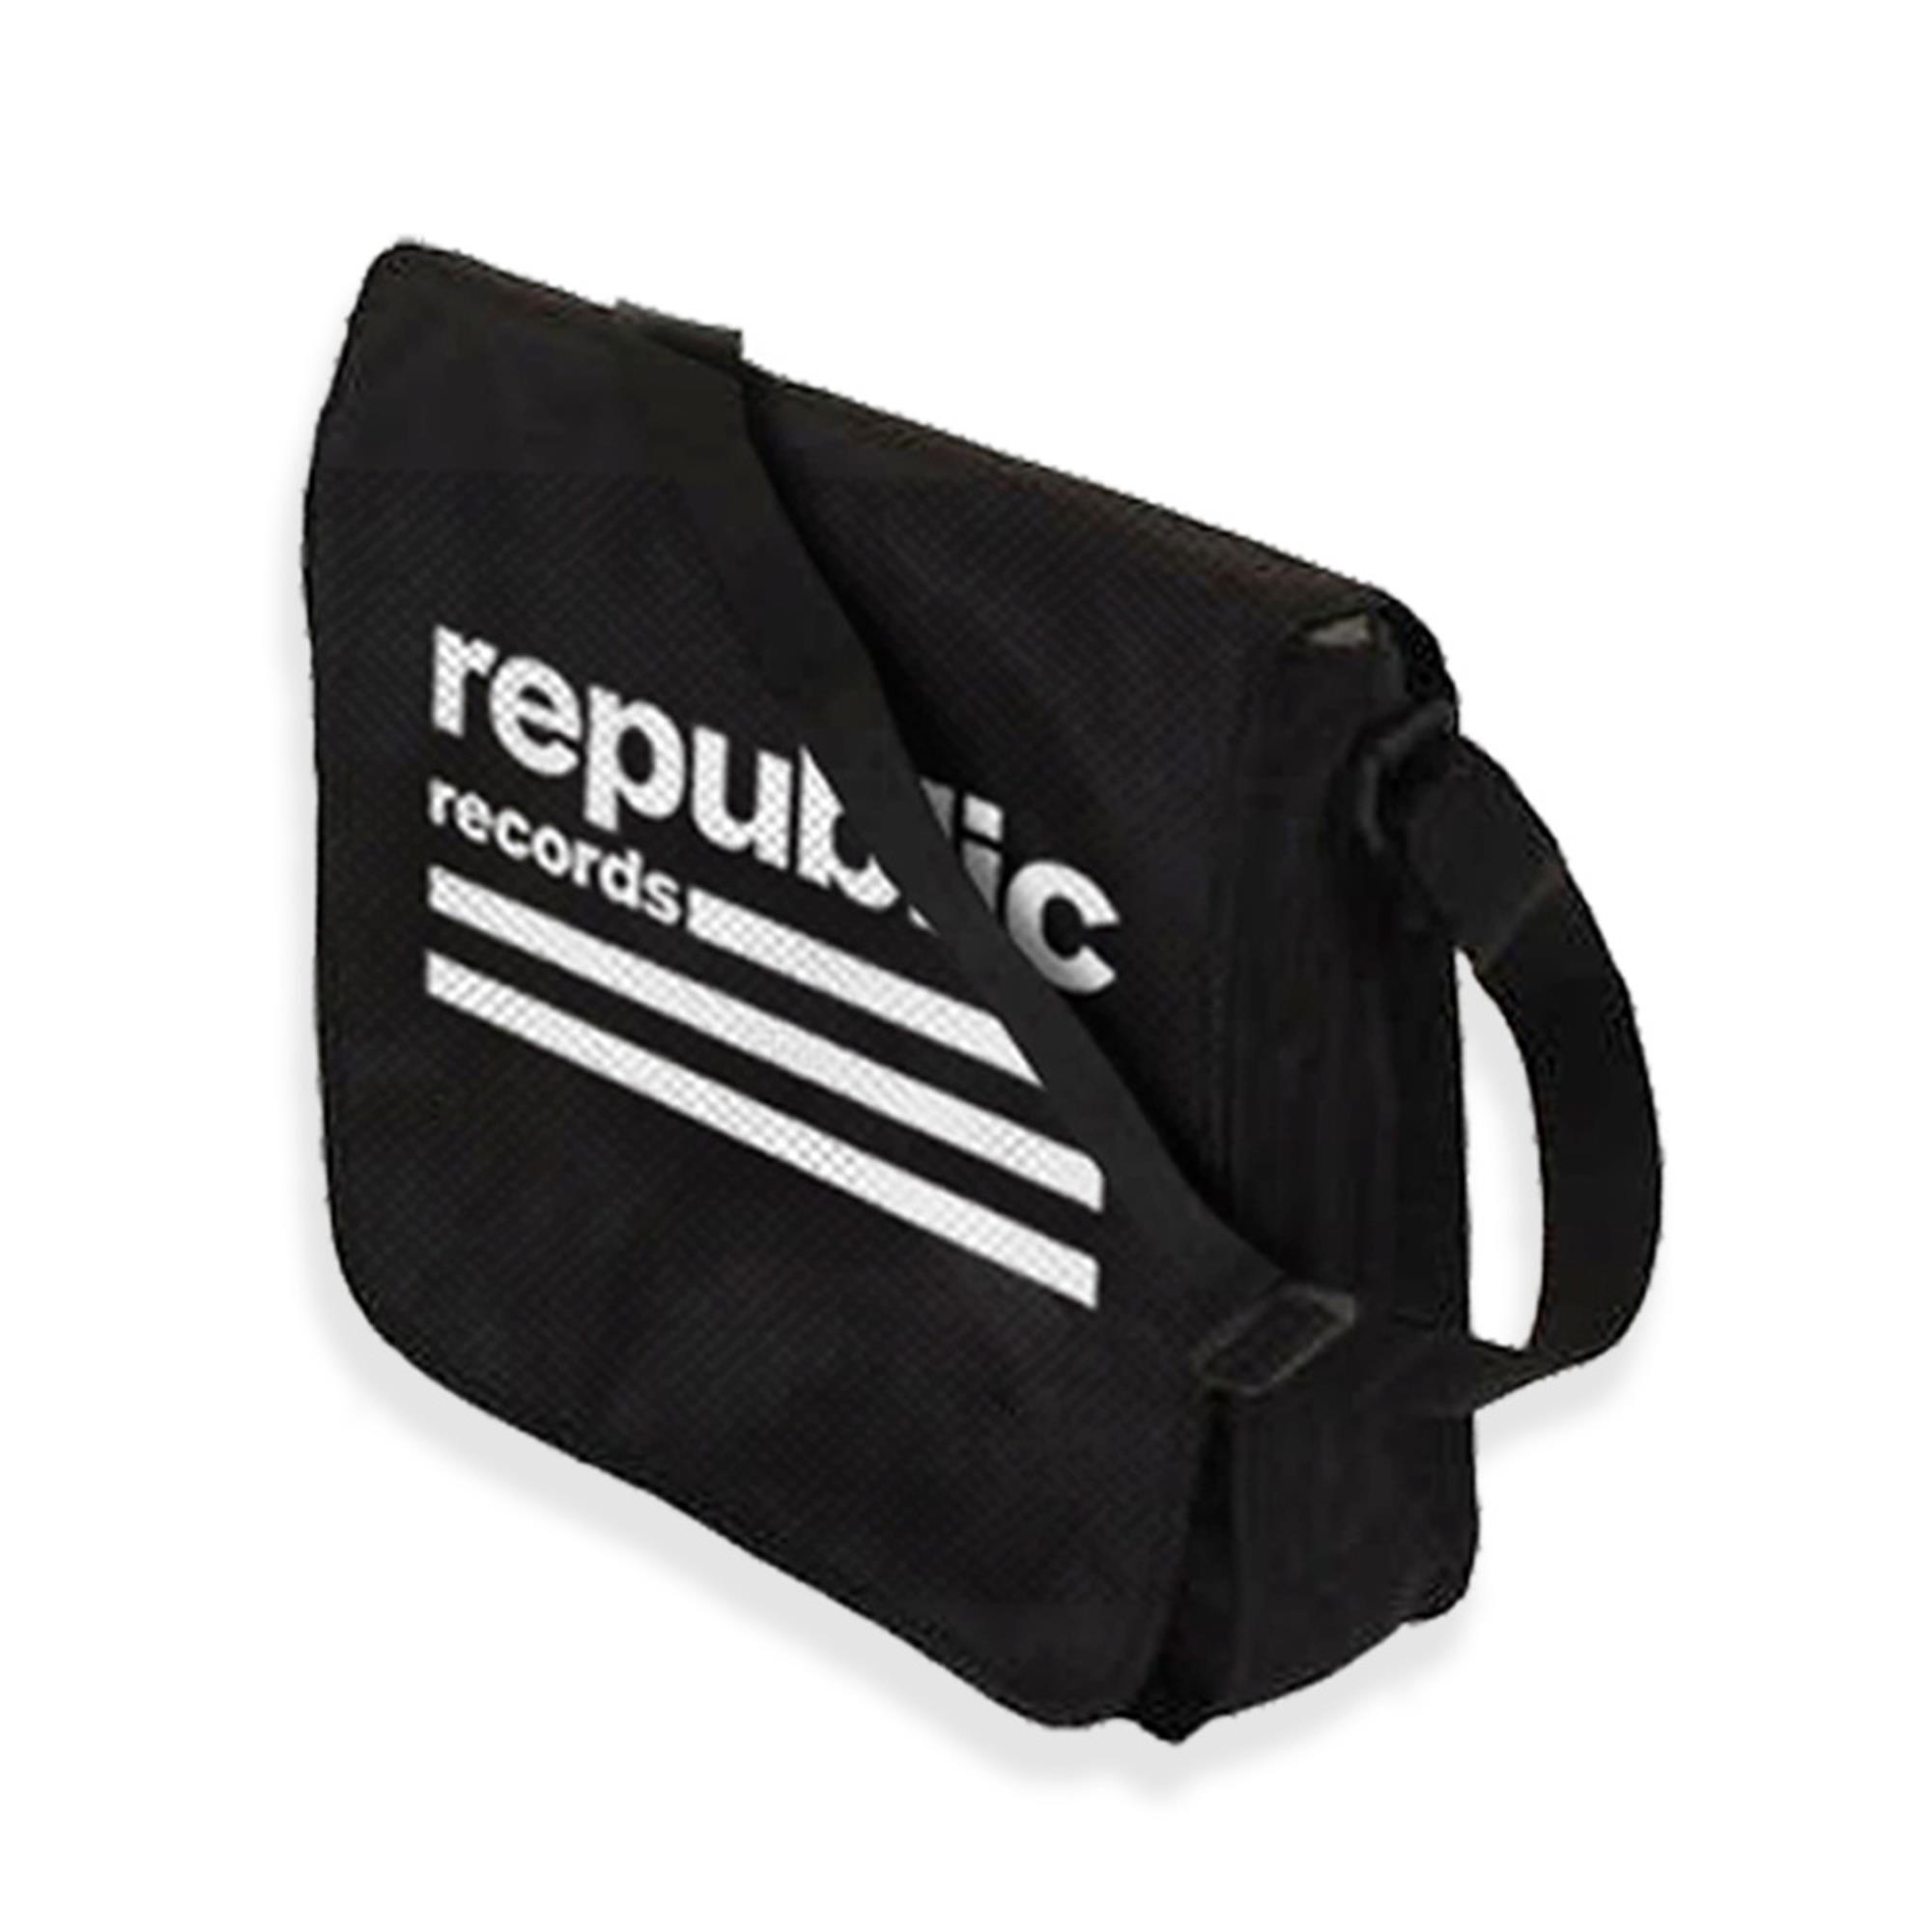 Republic Records Flap Top Vinyl Record Bag